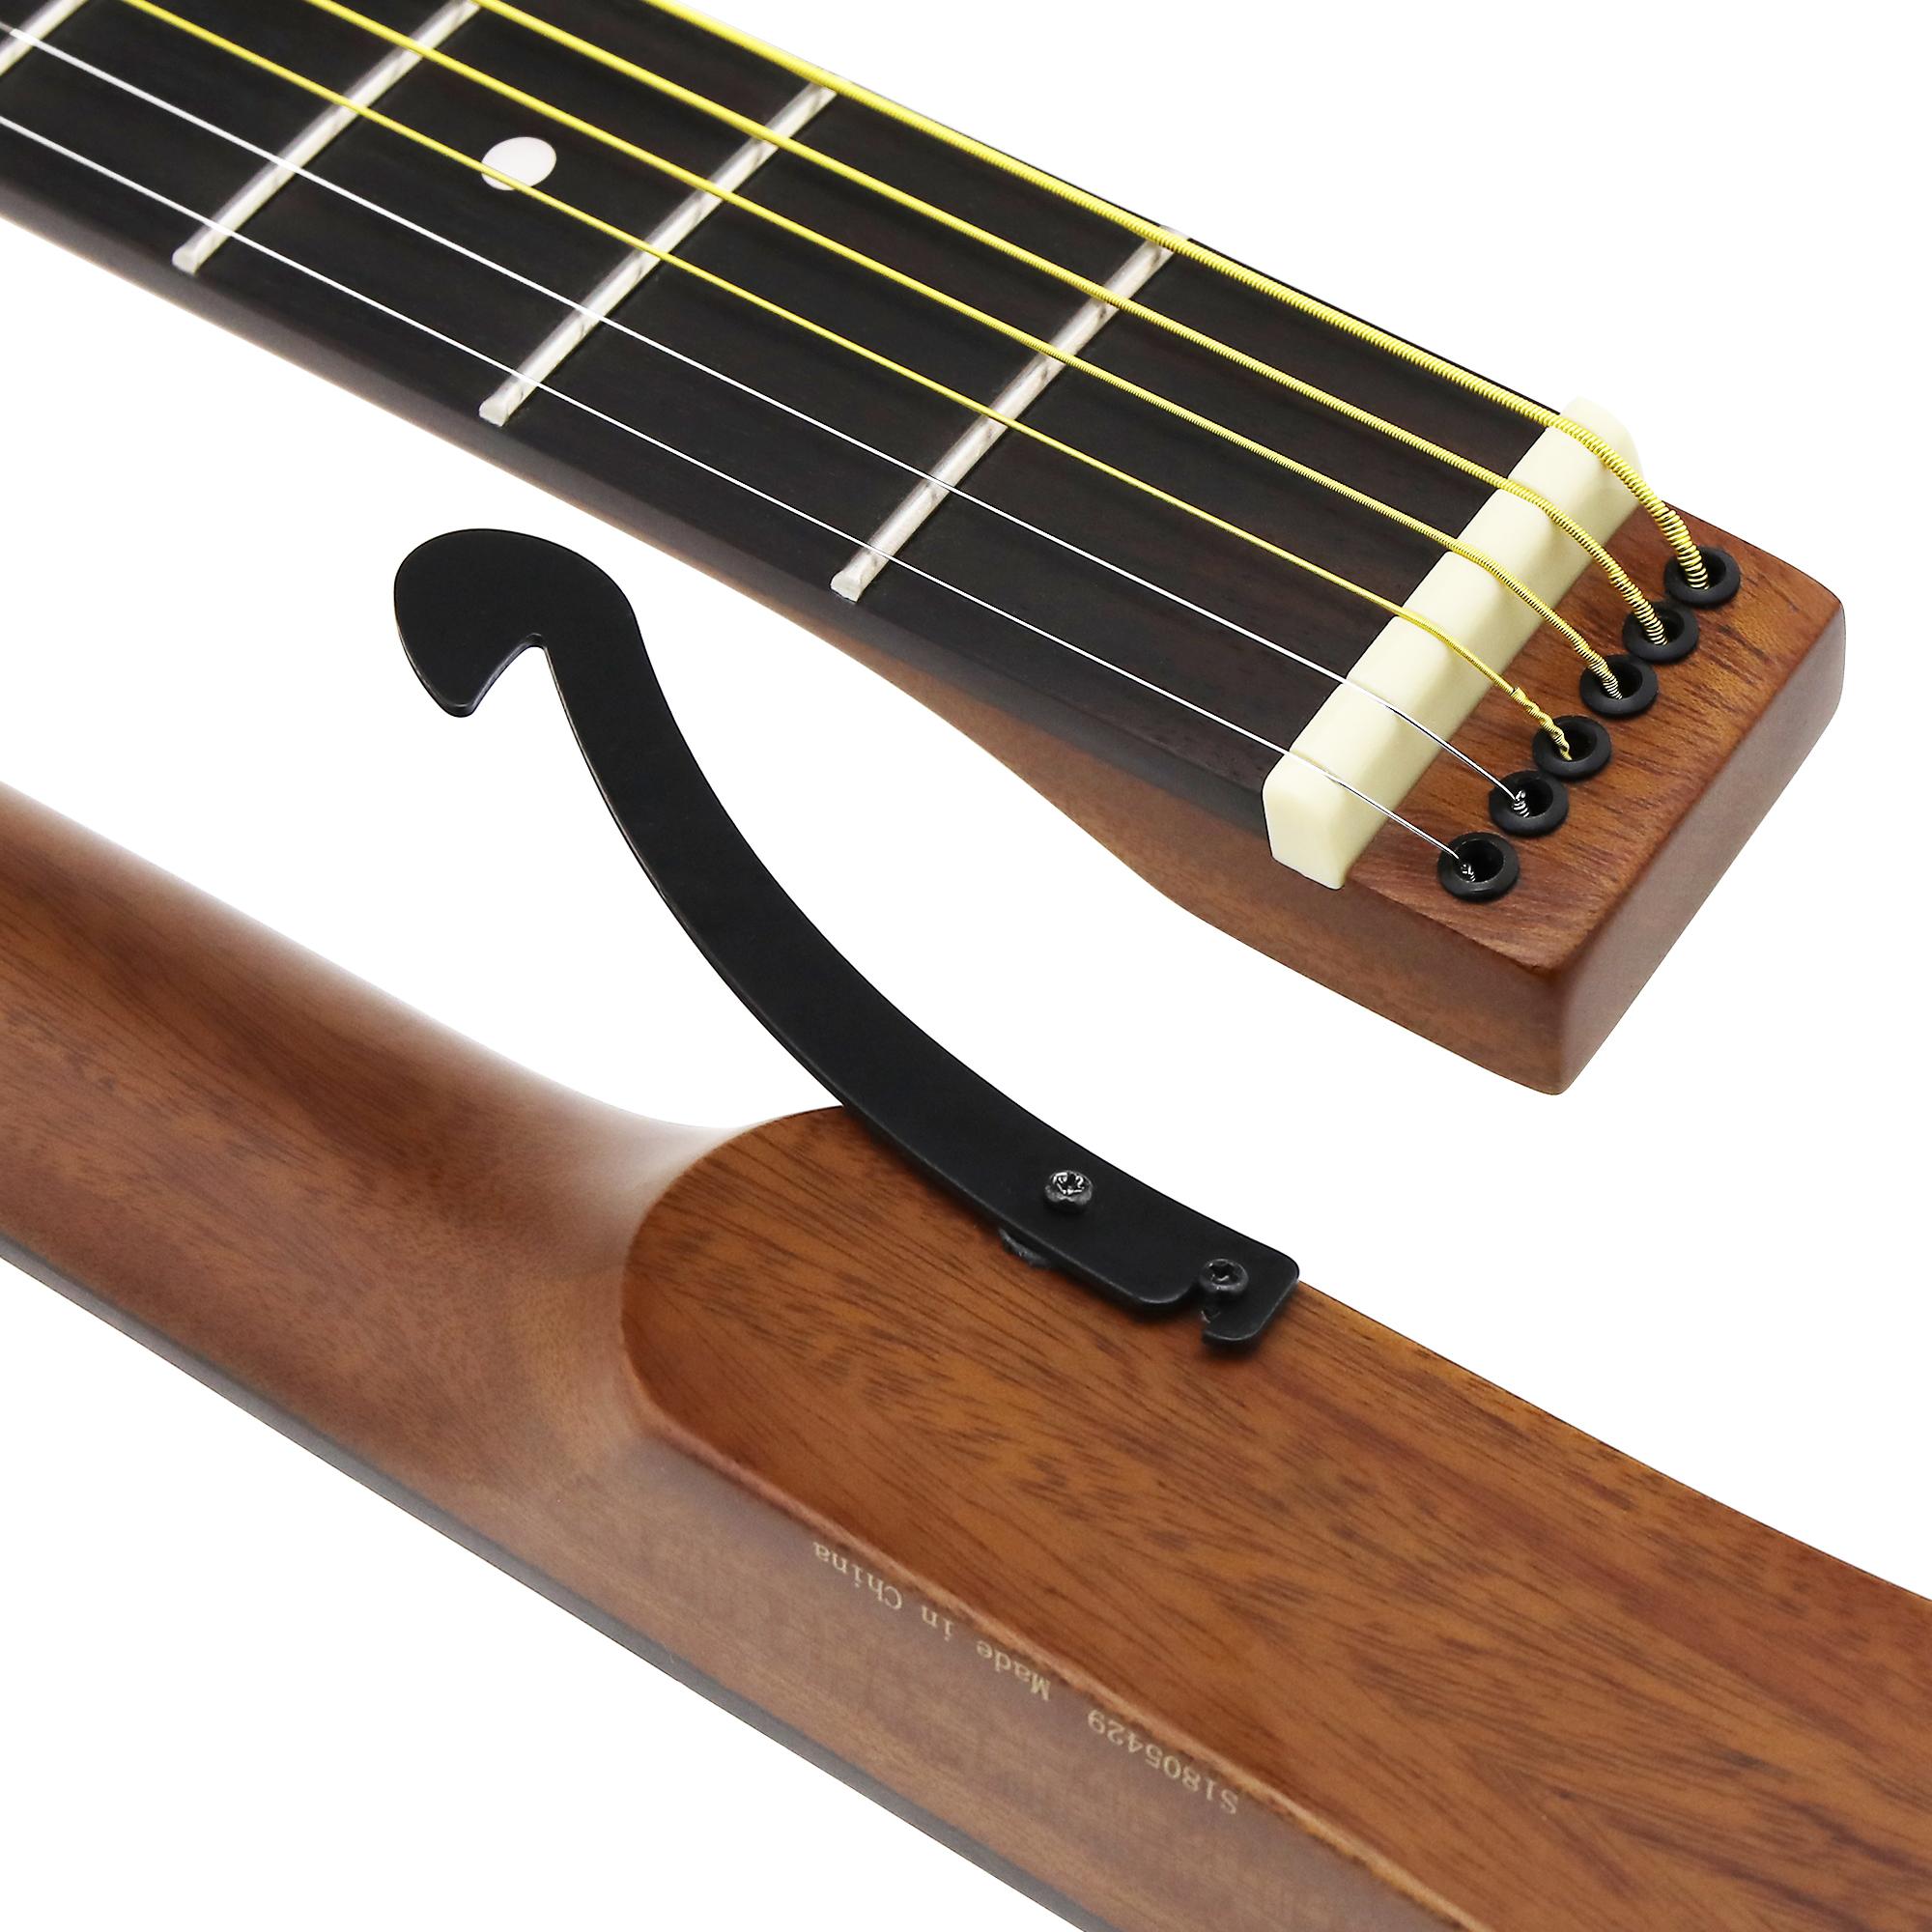 anygig agsse 24 frets 648mm acoustic guitar strings 012 053 matte brown with bag ebay. Black Bedroom Furniture Sets. Home Design Ideas